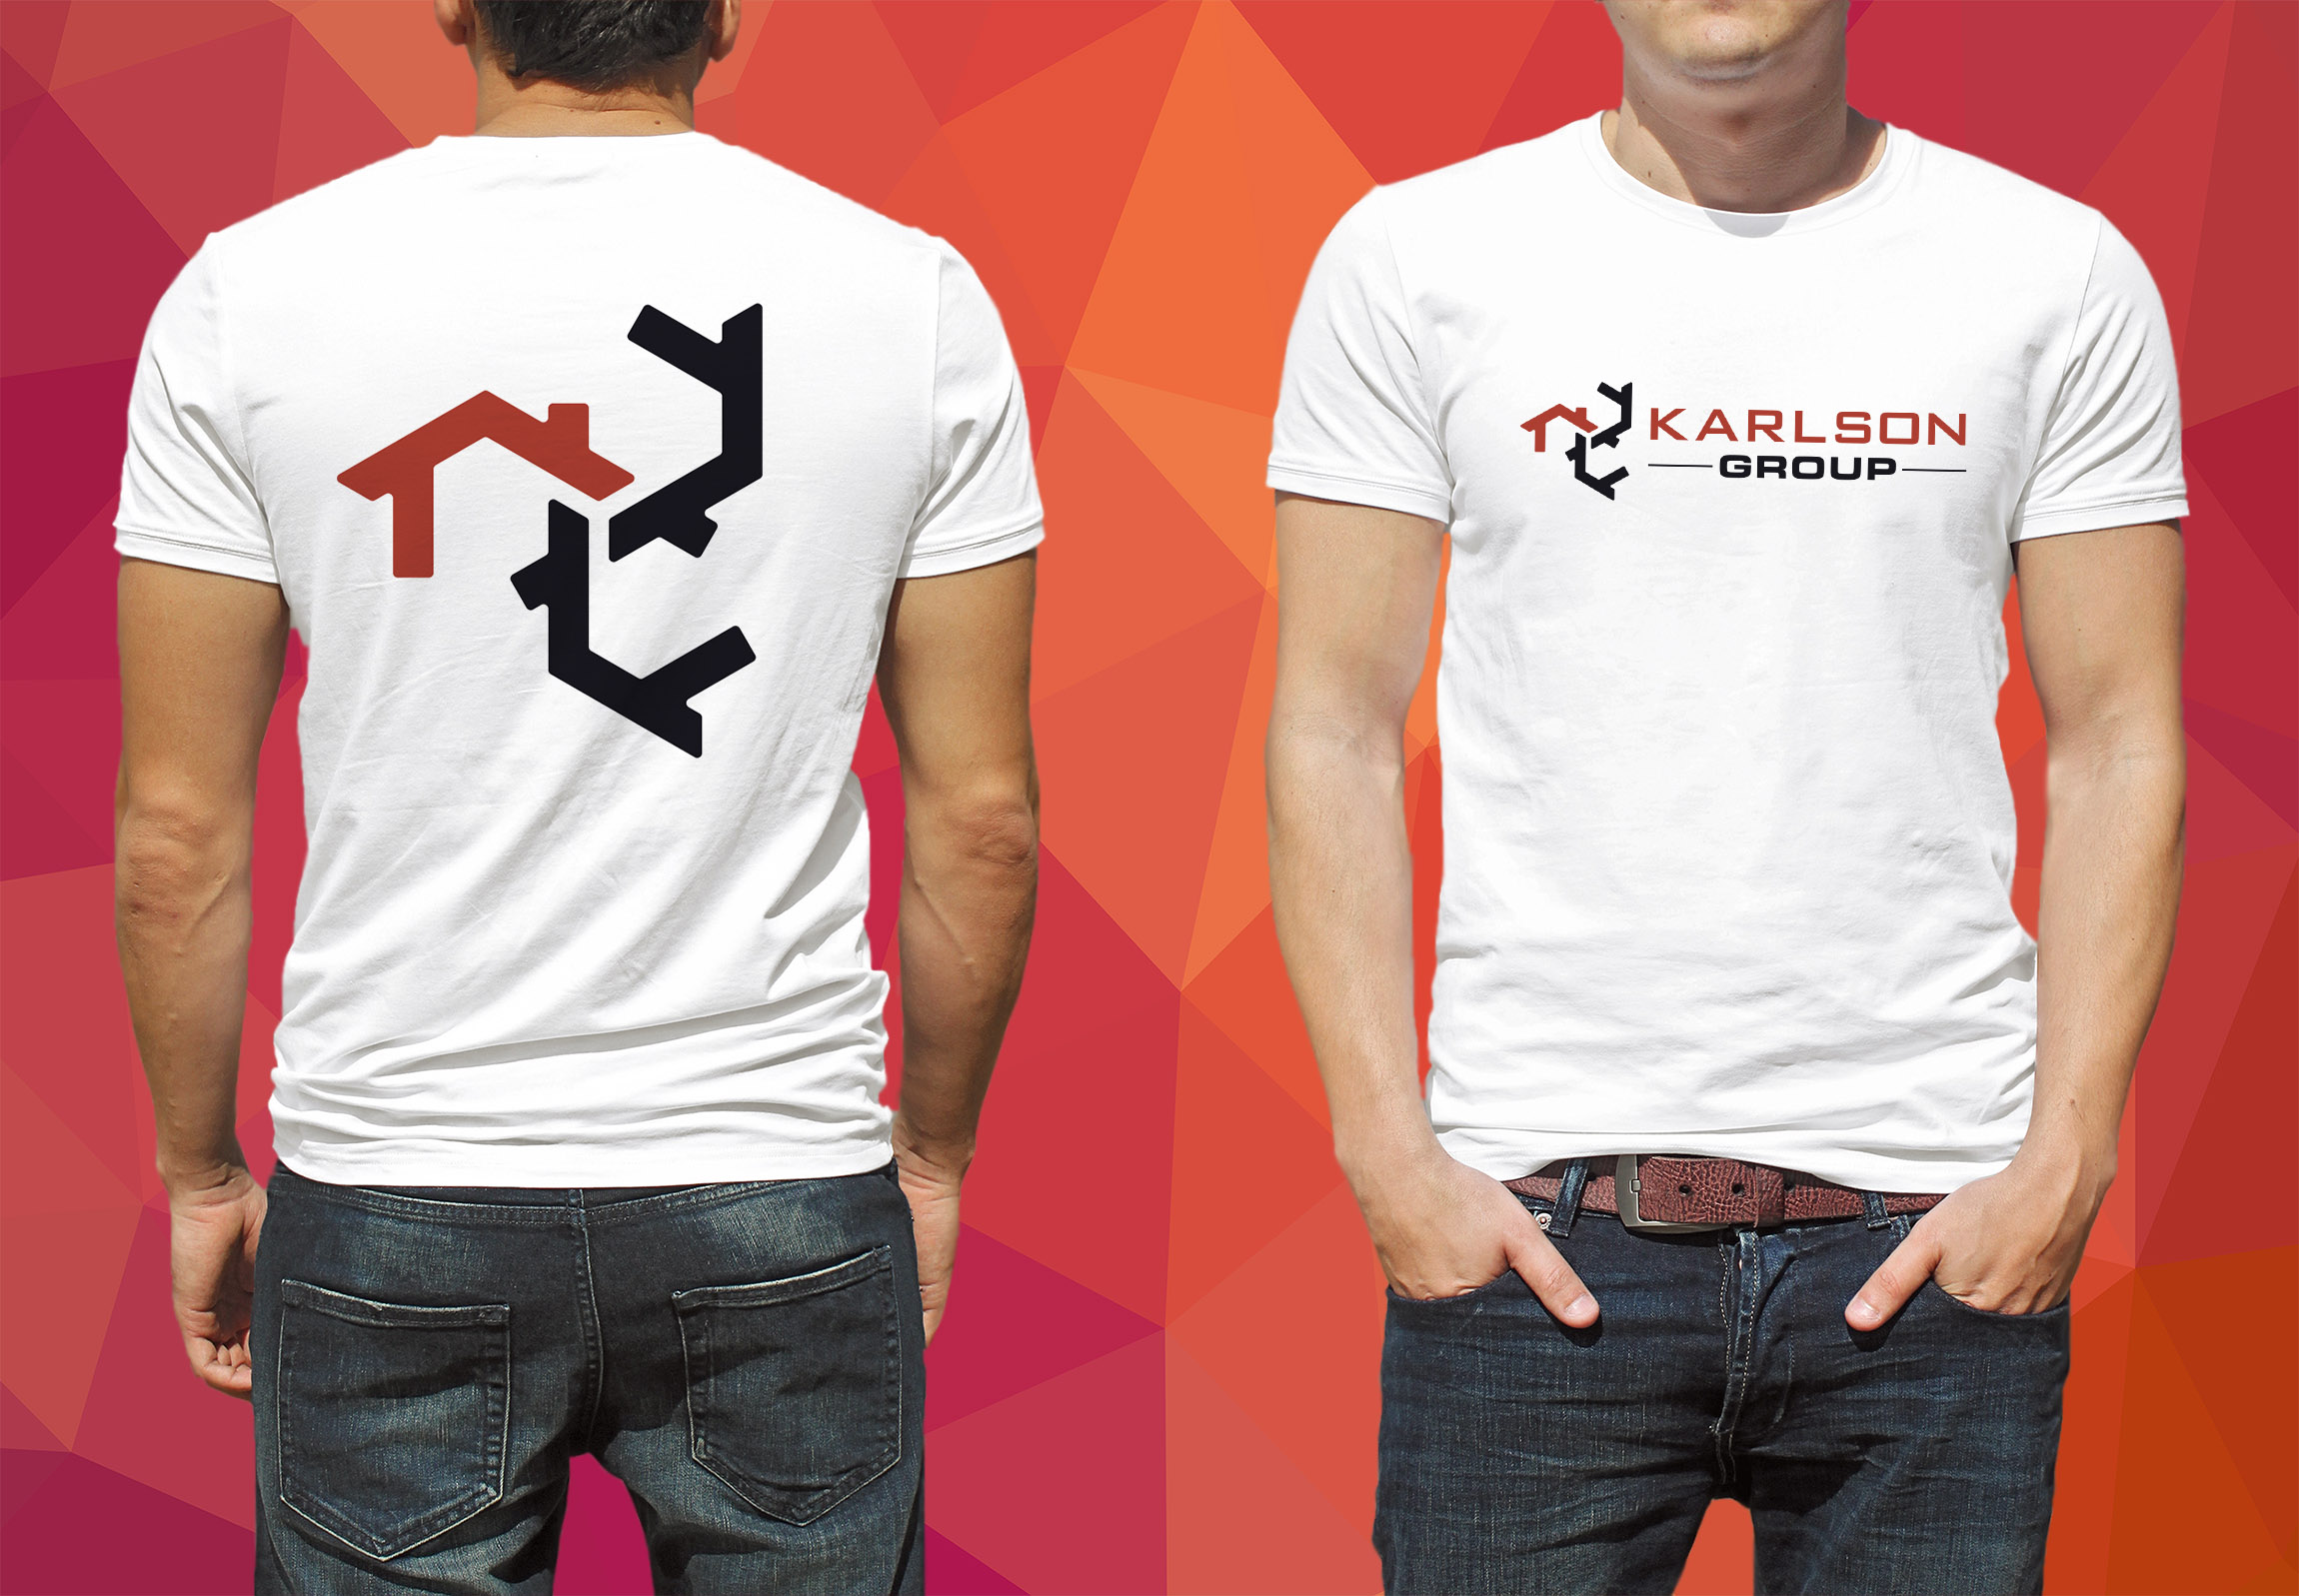 Придумать классный логотип фото f_908598aefdda2342.jpg